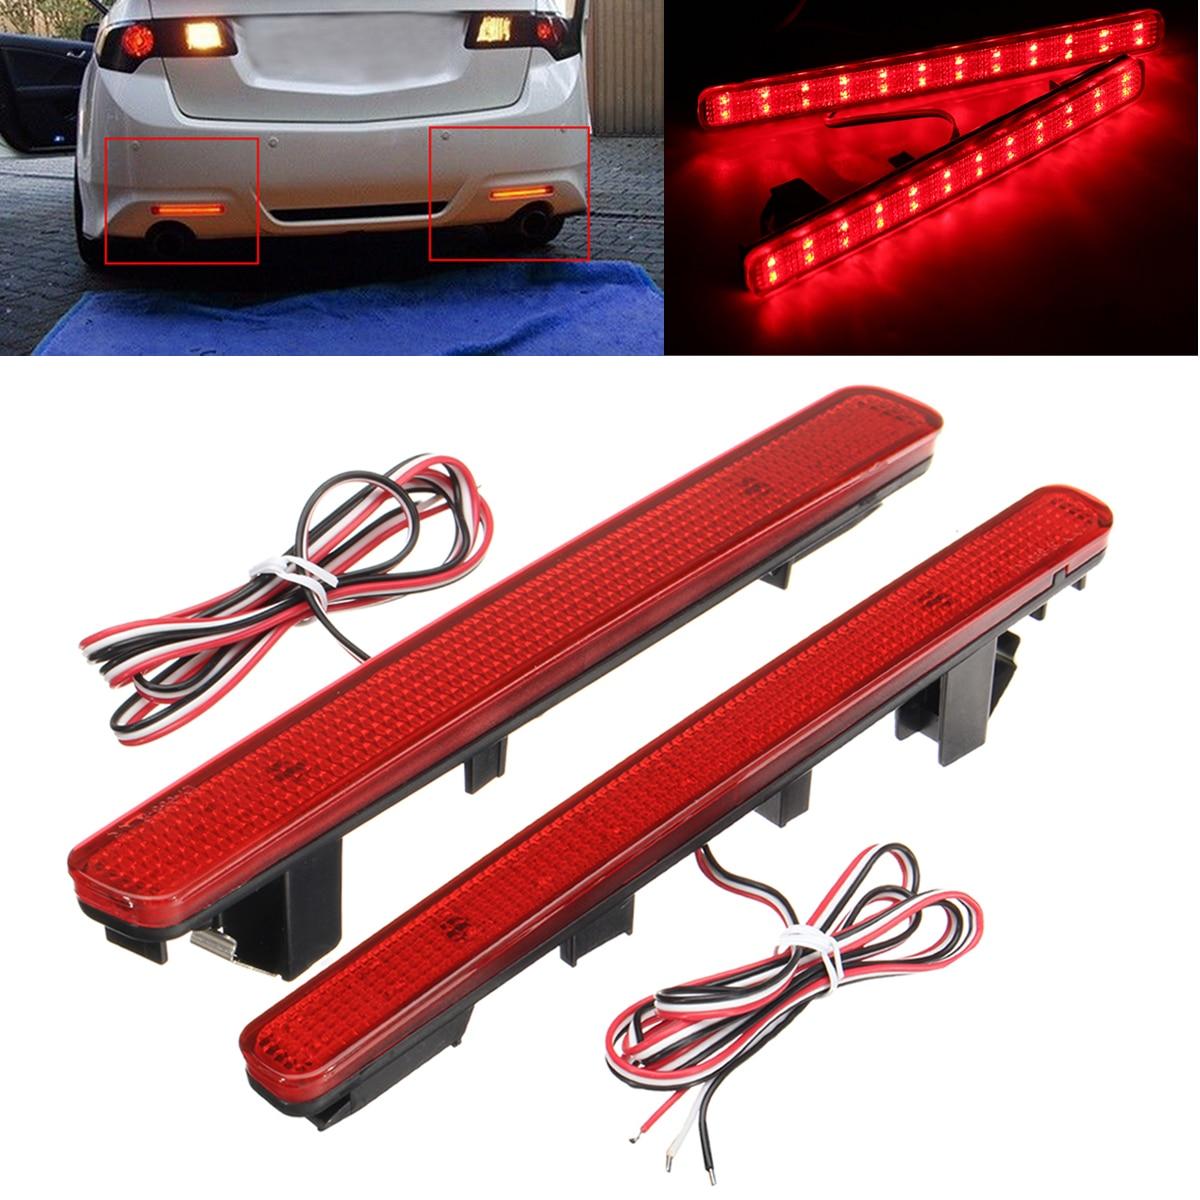 12V LED light Rear Bumper Reflector Tail Stop Brake Light For Acura TSX Sedan 09 14